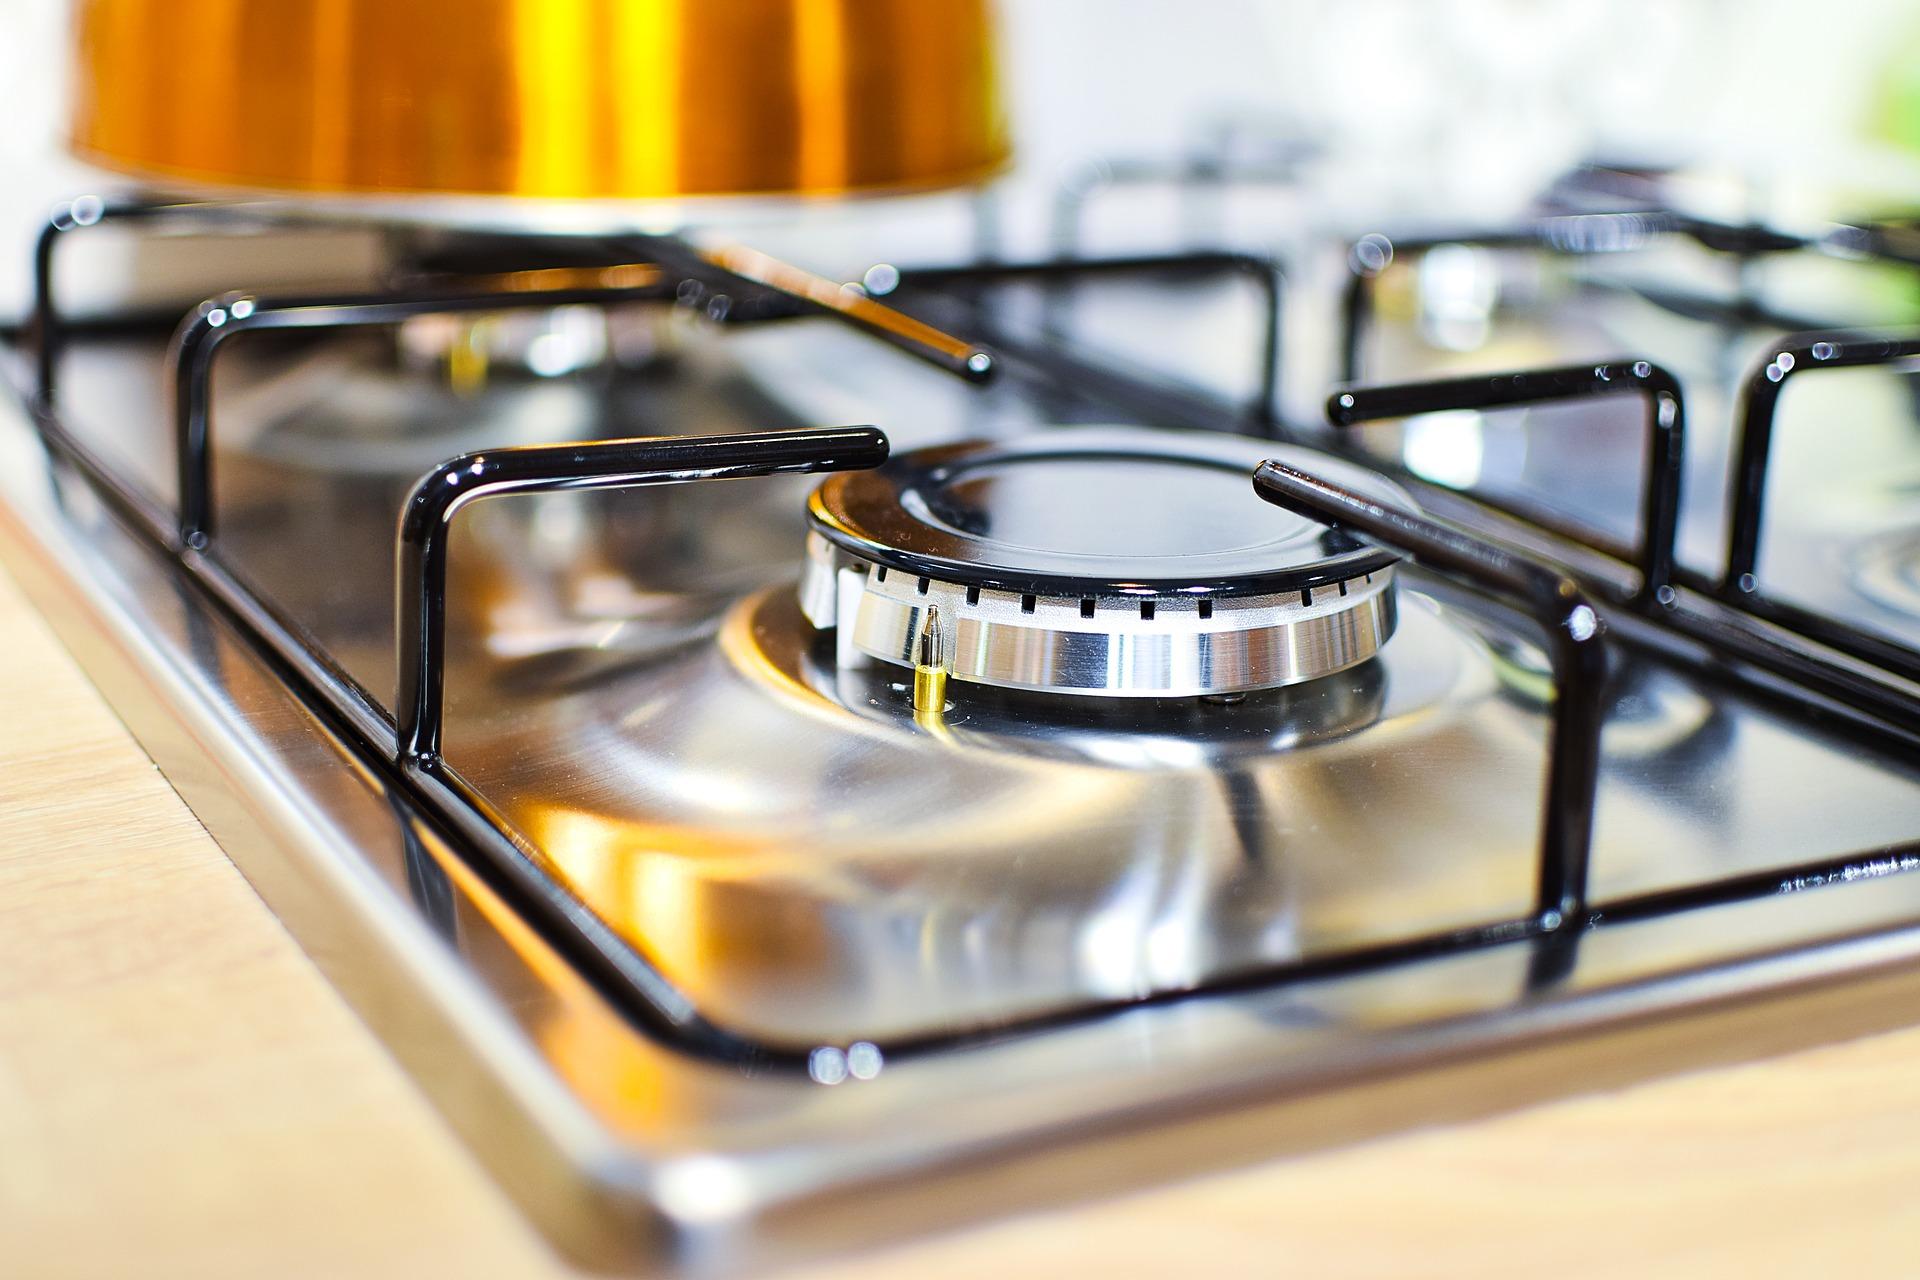 kitchen-3148954_1920